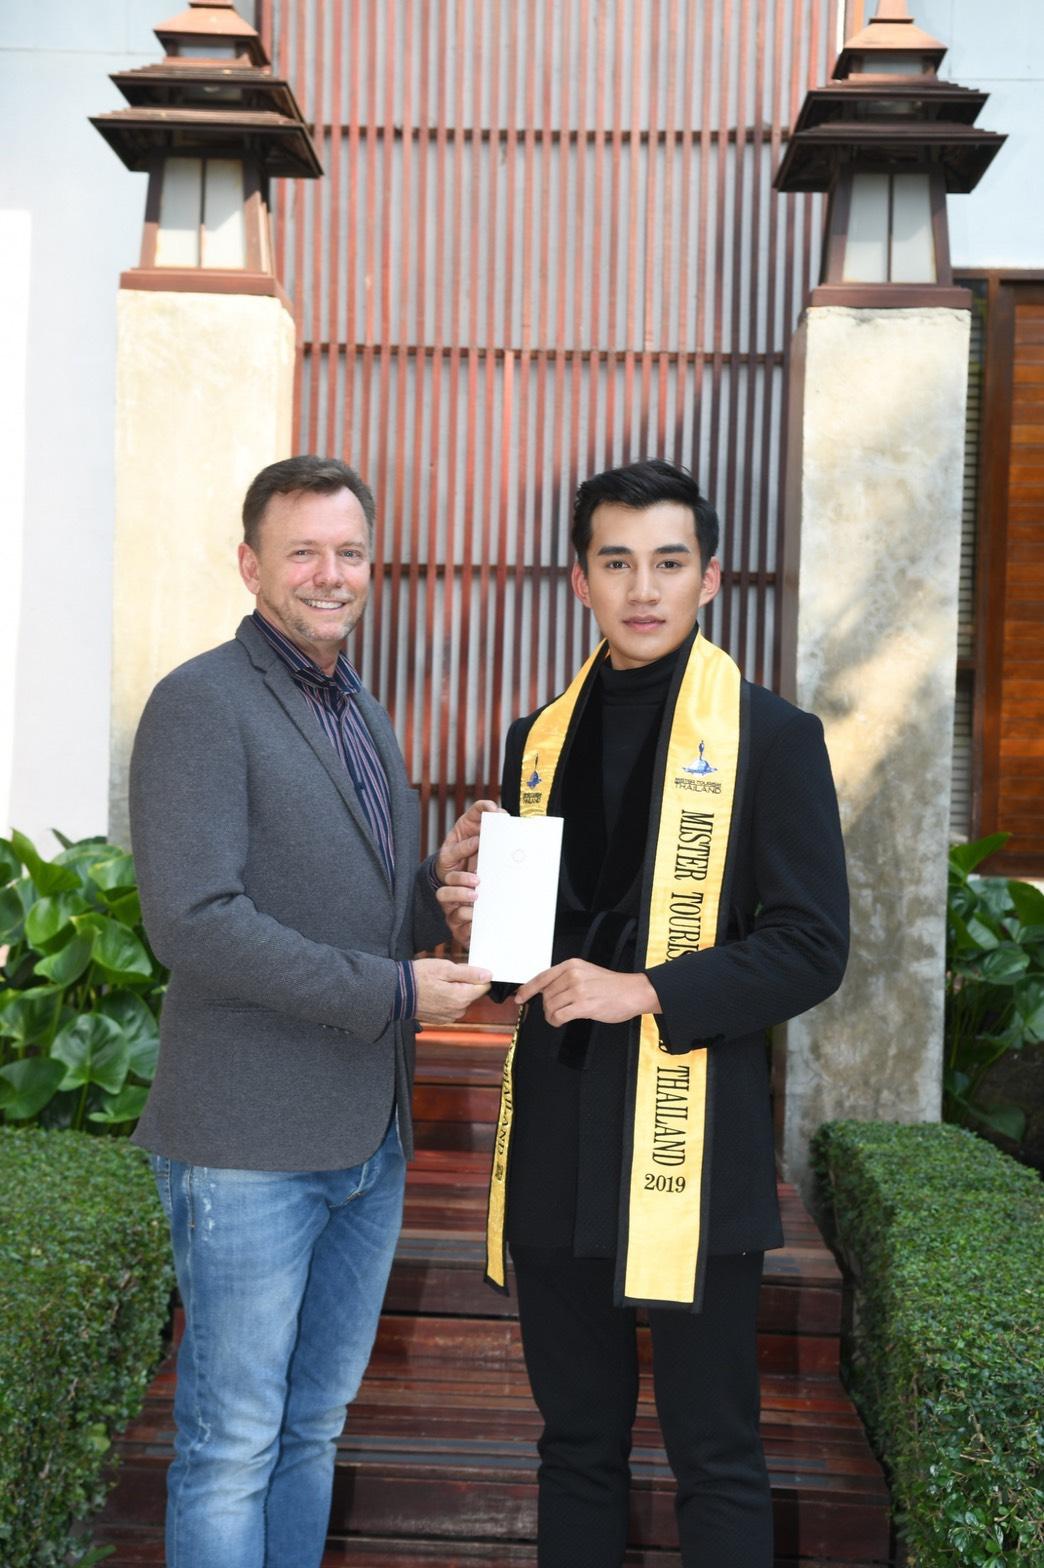 """""""ชนาธิป"""" คว้ารางวัล """"Mister Tourism World Thailand 2019"""" ก้าวสู่ทูตส่งเสริมการท่องเที่ยวไทย"""